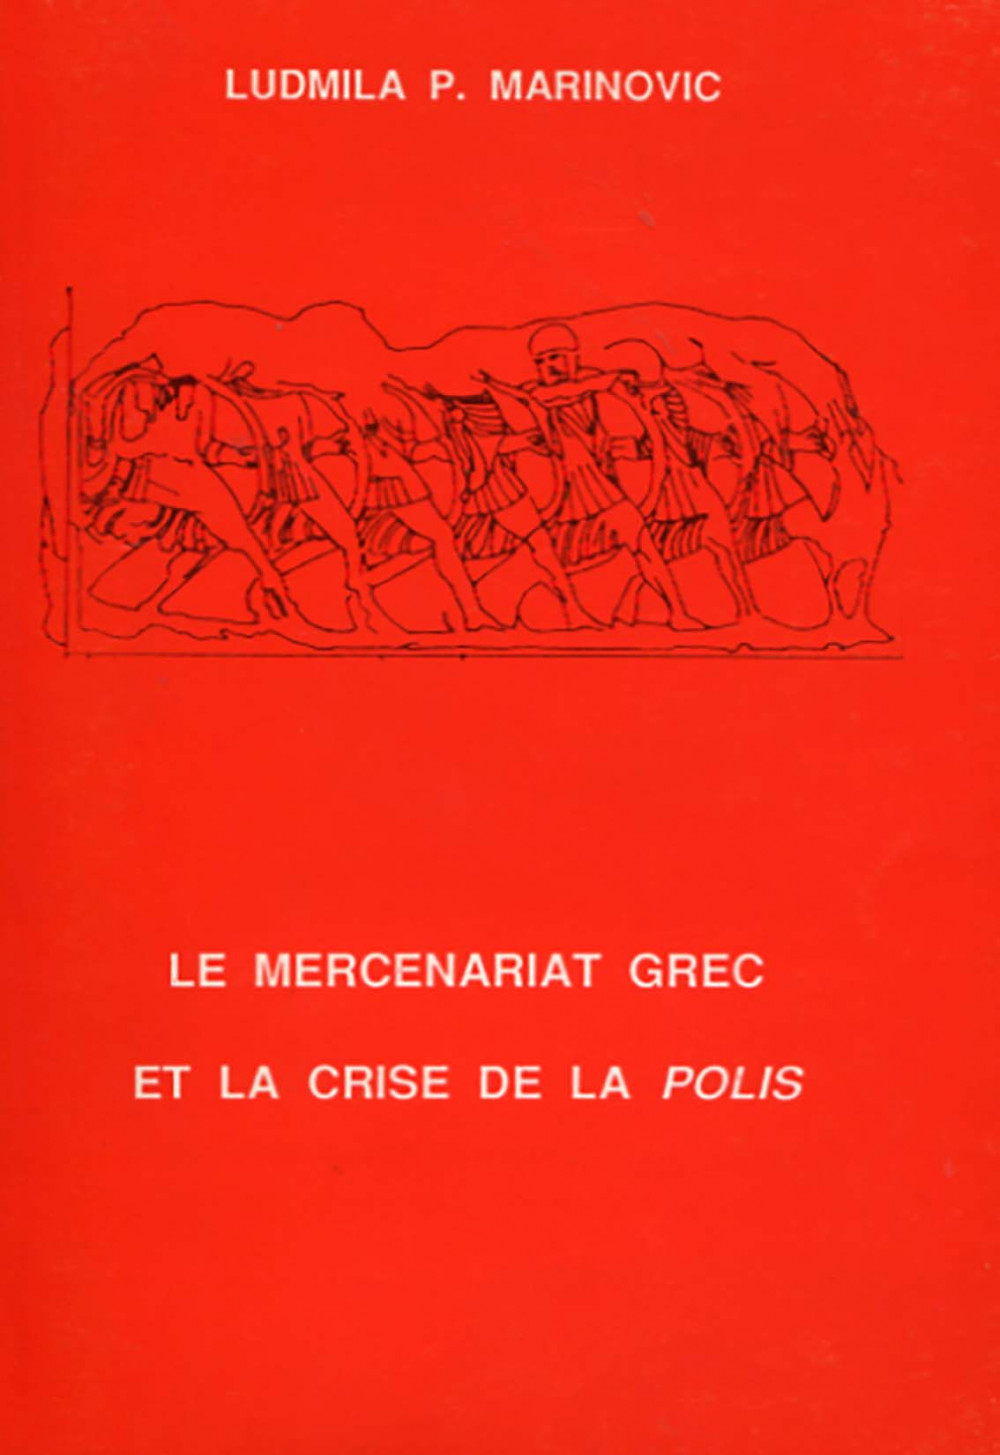 Le mercenariat grec et la crise de la <i> Polis </I>